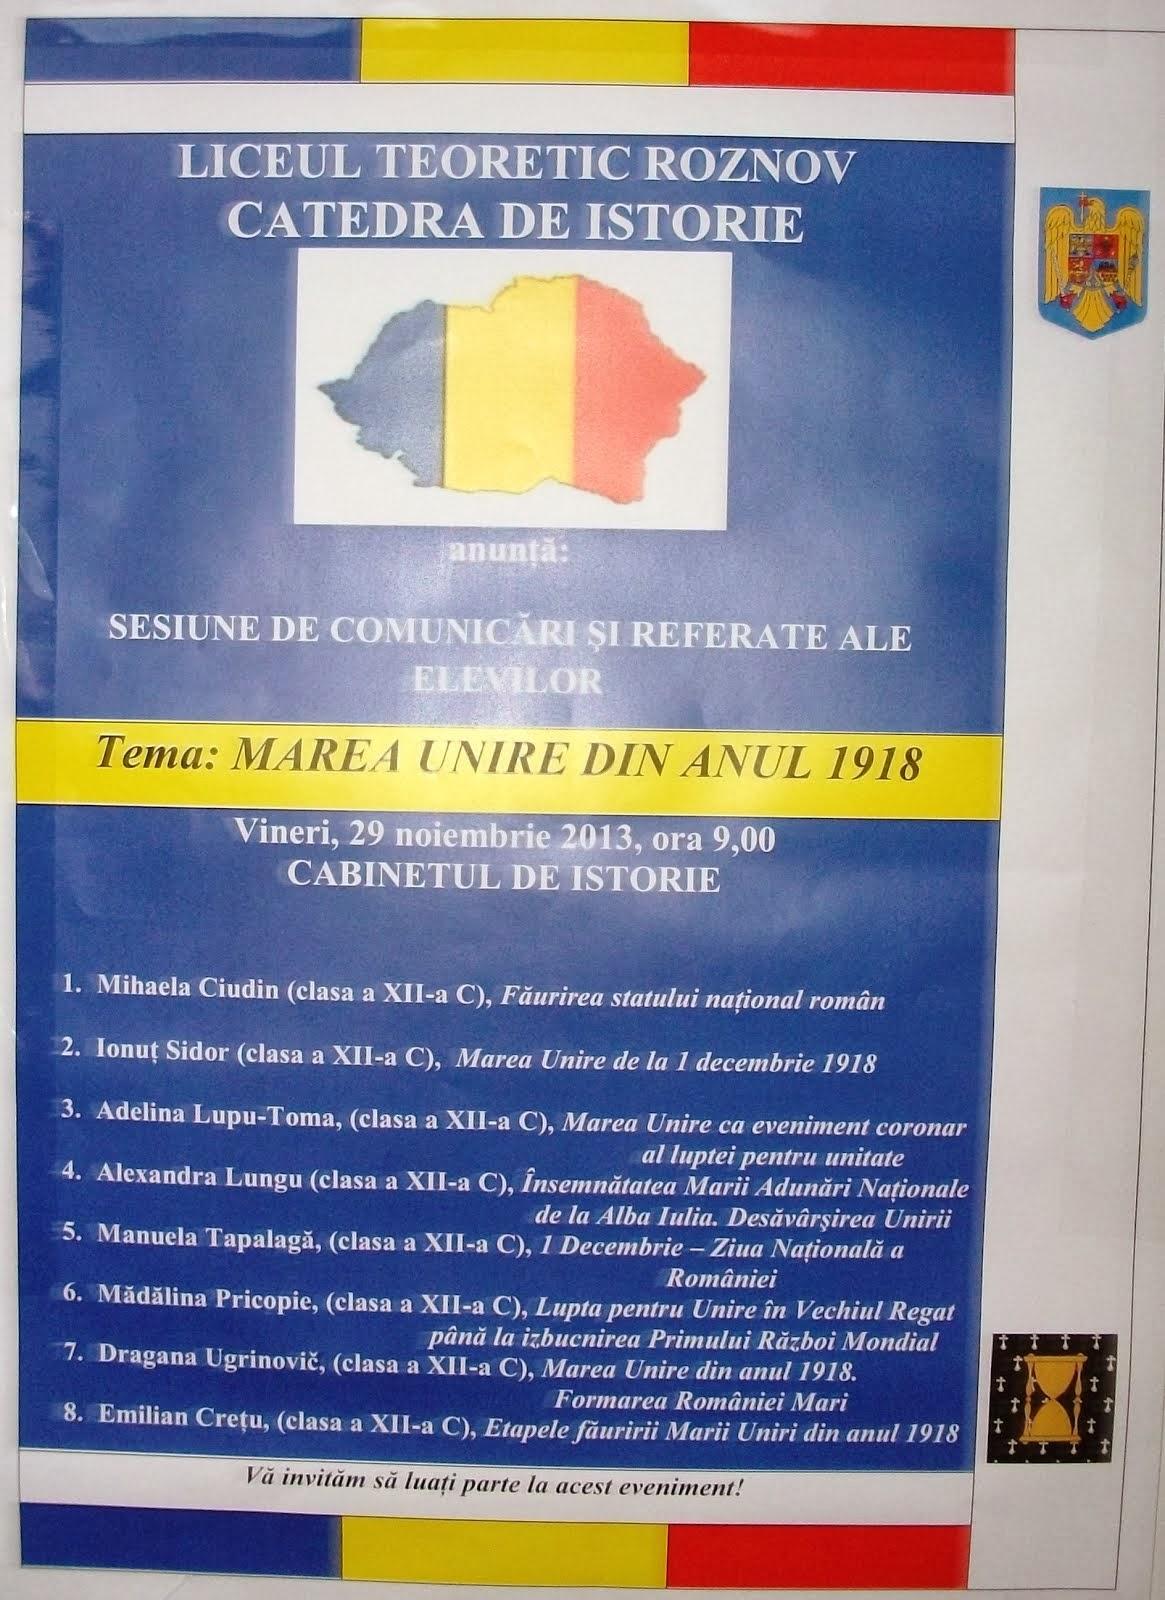 Afişul oficial al Sesiunii de comunicări şi referate, Liceul Teoretic Roznov, 29.11.2013...